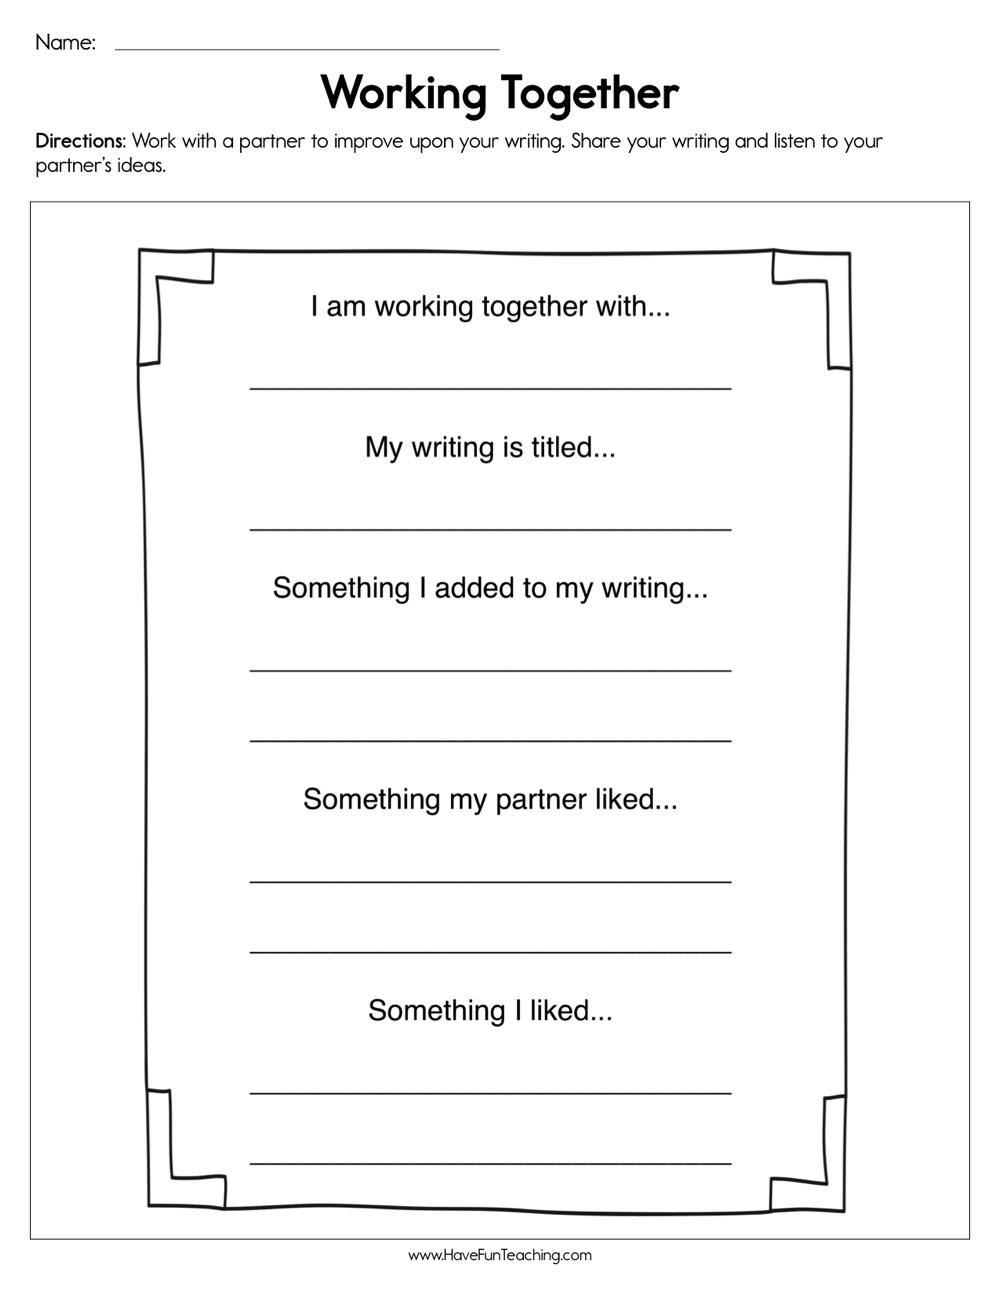 Working Together Worksheet